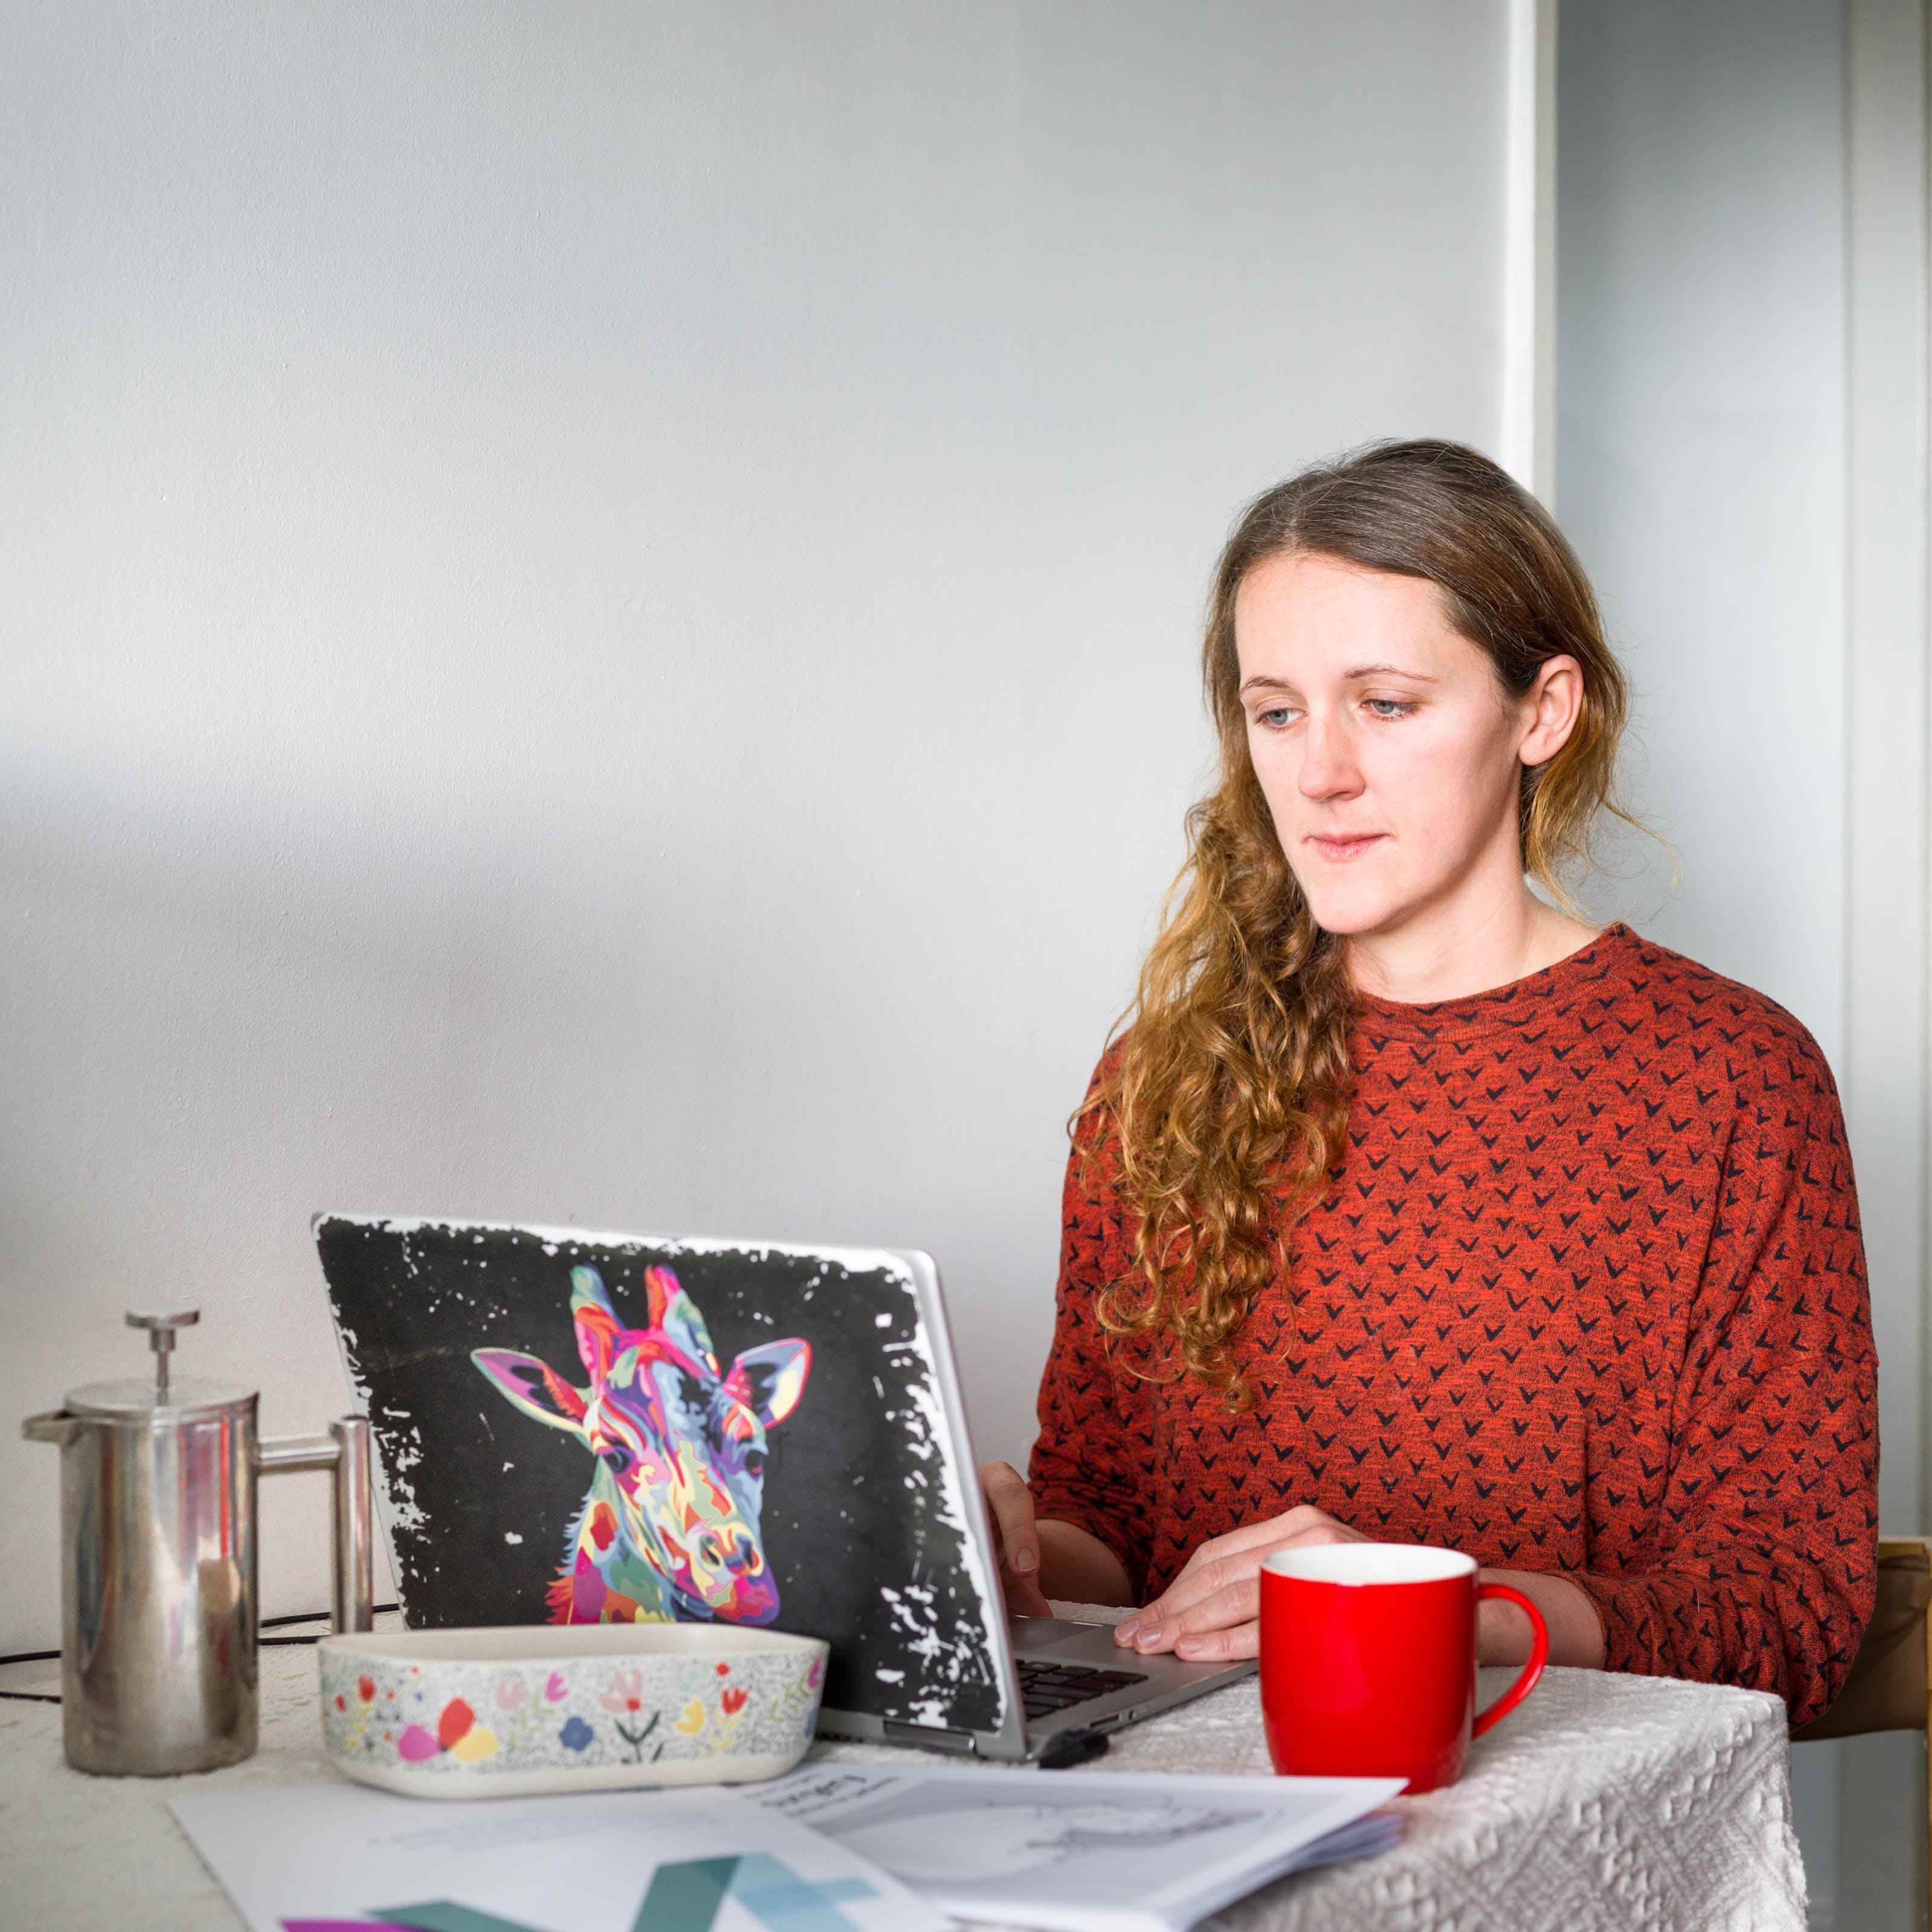 """一个女人坐在餐桌旁靠着白墙的照片,背景是家庭环境。她低头看着桌上打开的笔记本电脑屏幕。在打字过程中,她的手放在键盘上。她穿着一件铁锈色的上衣,上面覆盖着黑色的小""""v""""形,看起来像是在飞翔的鸟儿。她卷曲的棕色头发披散在右肩上。她面前的桌子上放着一块白色的桌布,上面放着一个红色的咖啡杯、一个银色的咖啡杯、一个花盘和打印的A4材质。她的笔记本电脑盖上有一张彩色的长颈鹿头像。"""